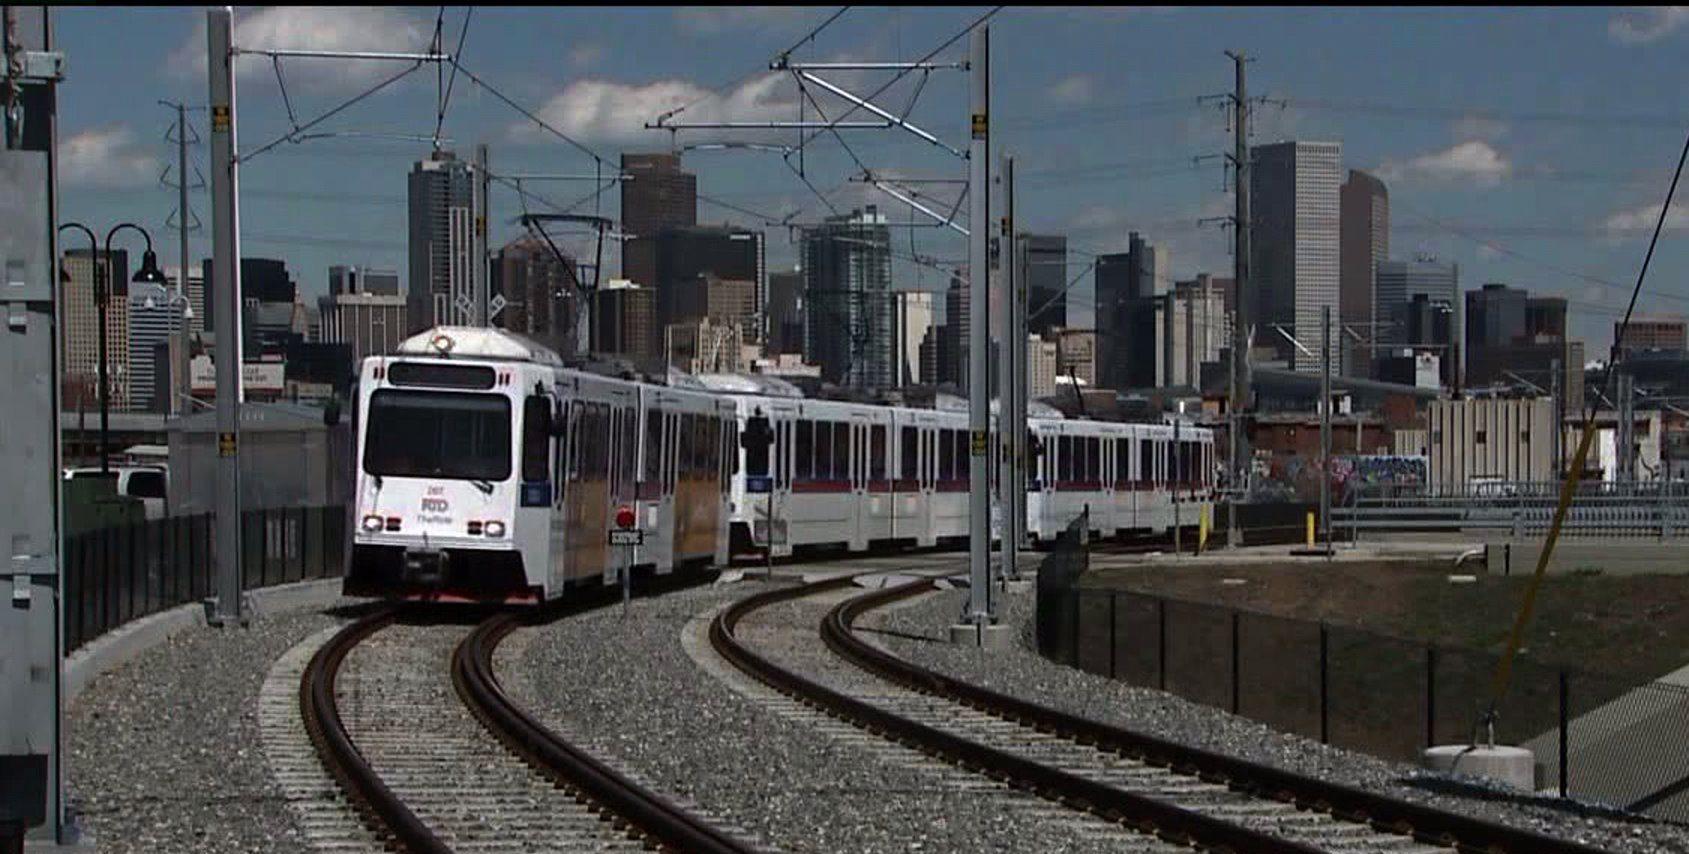 RTD light rail train in Denver